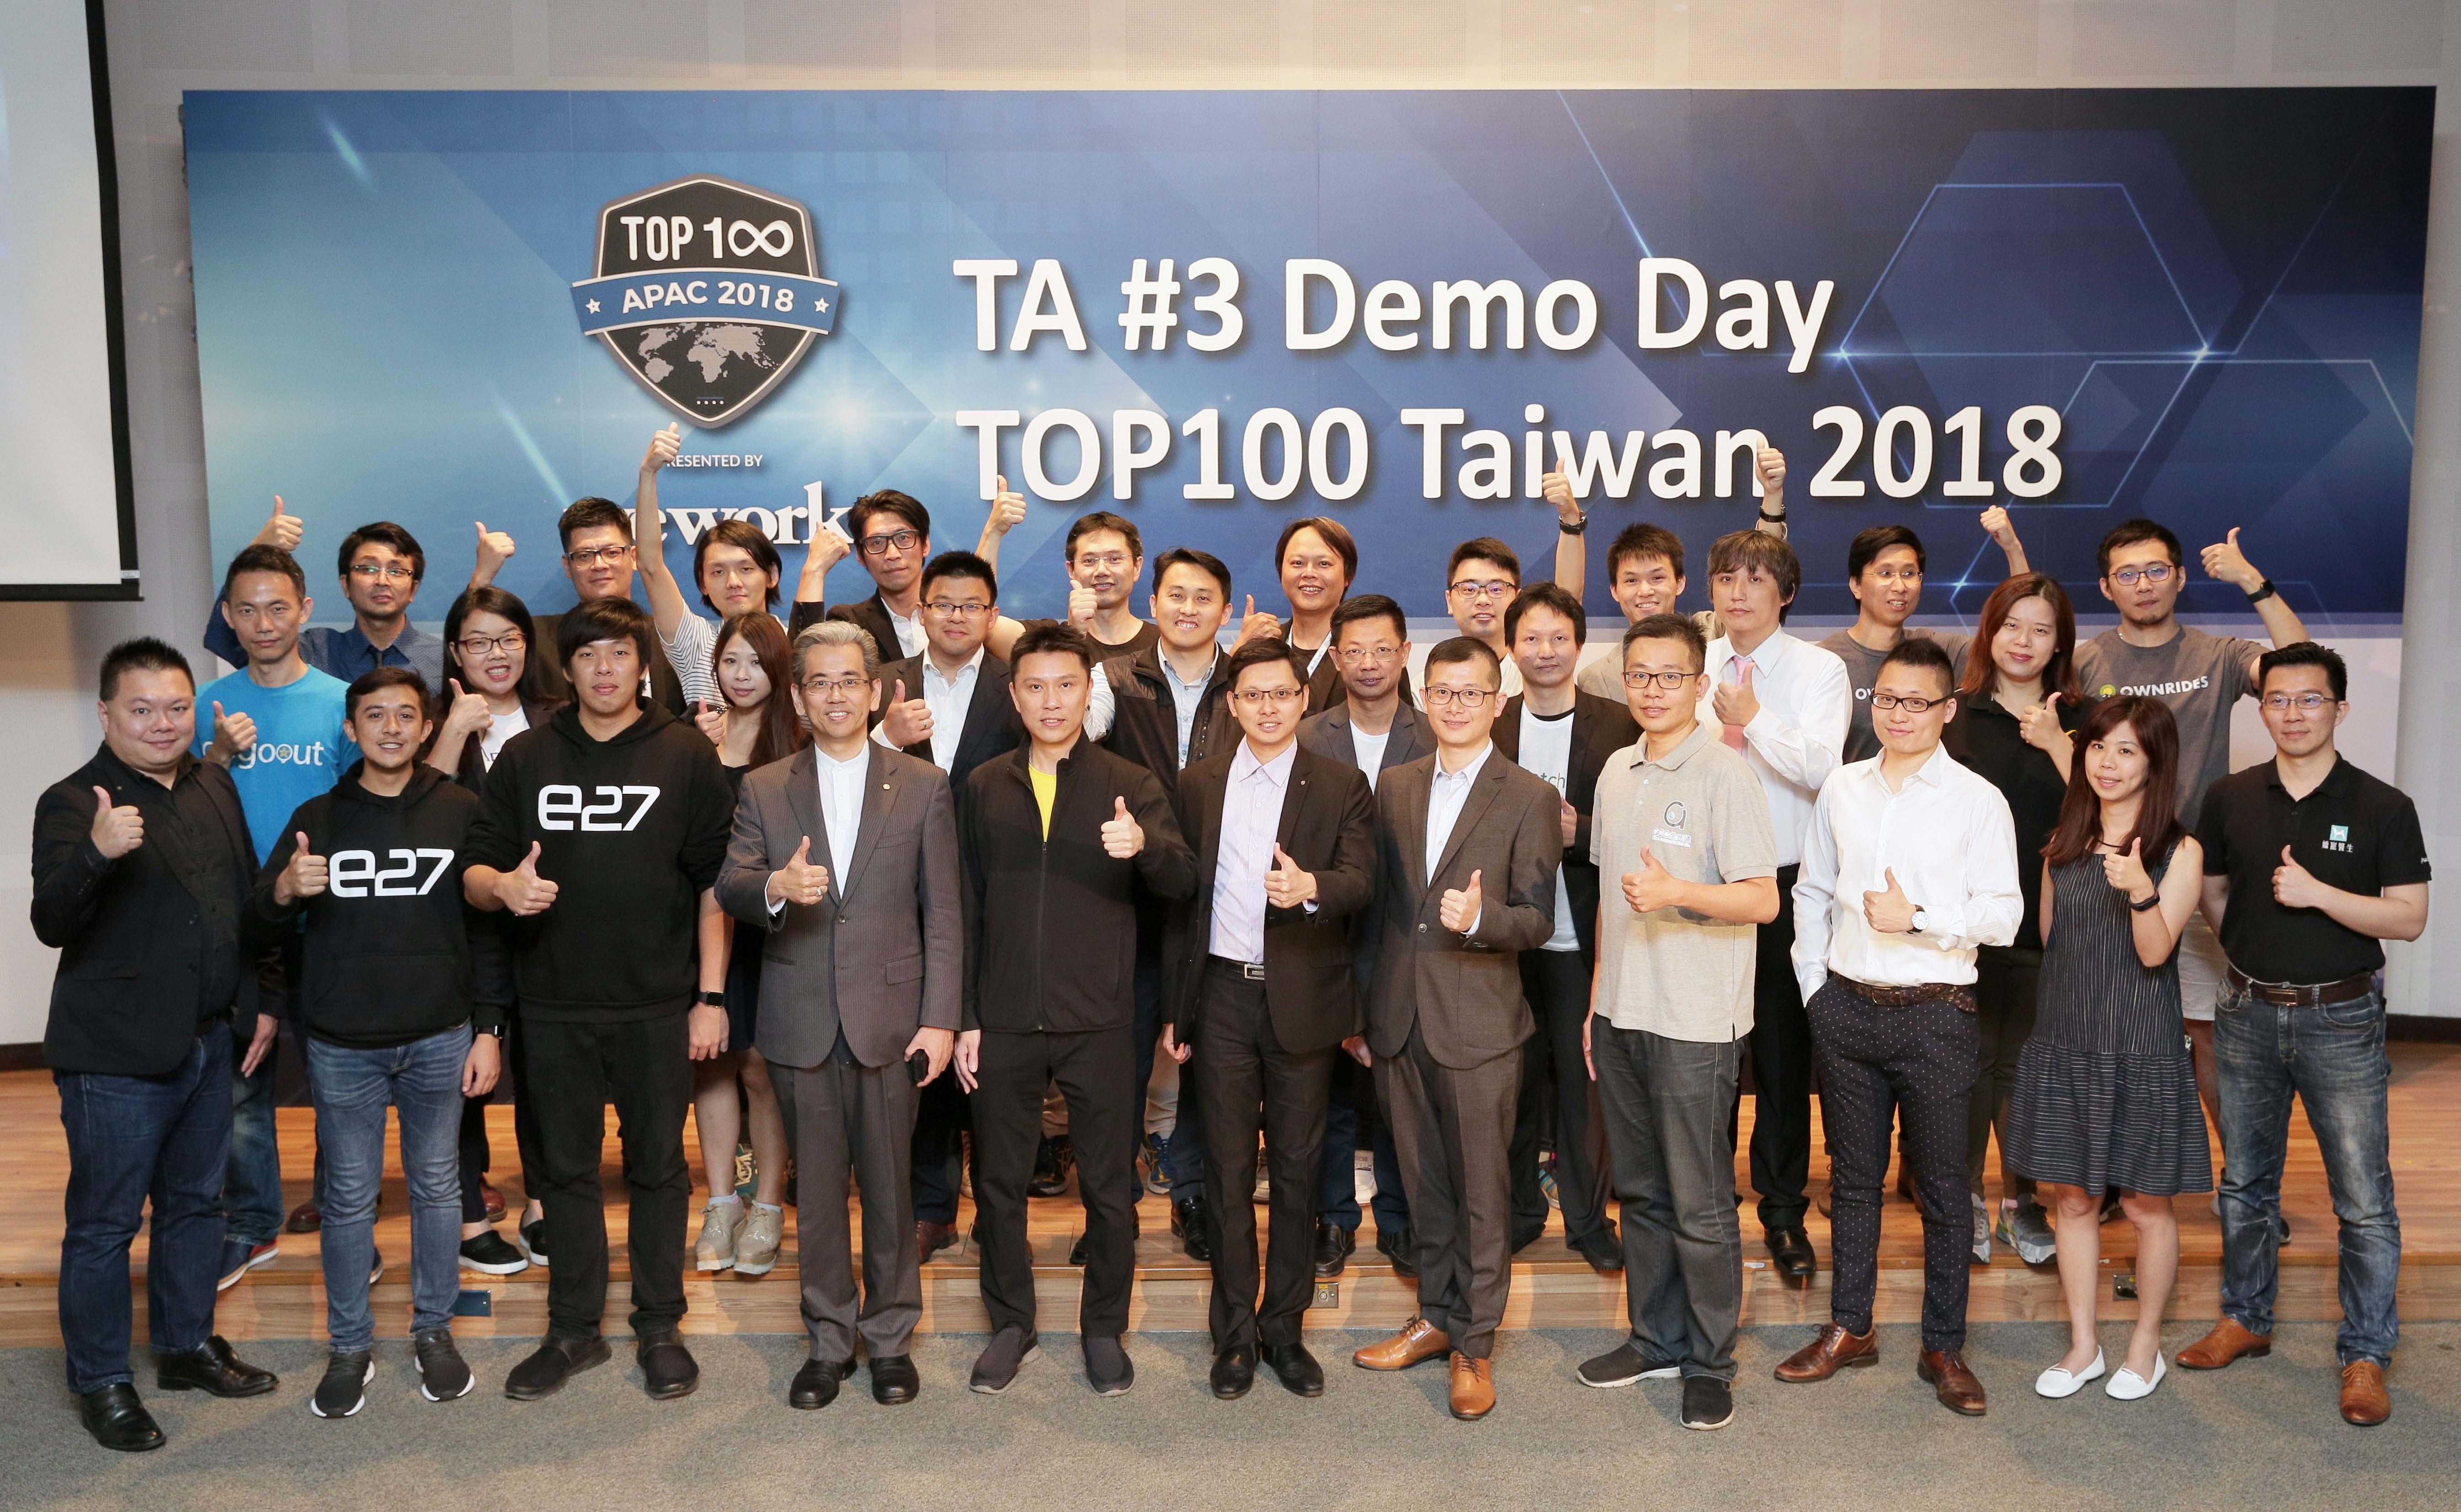 台灣新創躍上亞太平台 TA Demo Day結合TOP100反應熱烈